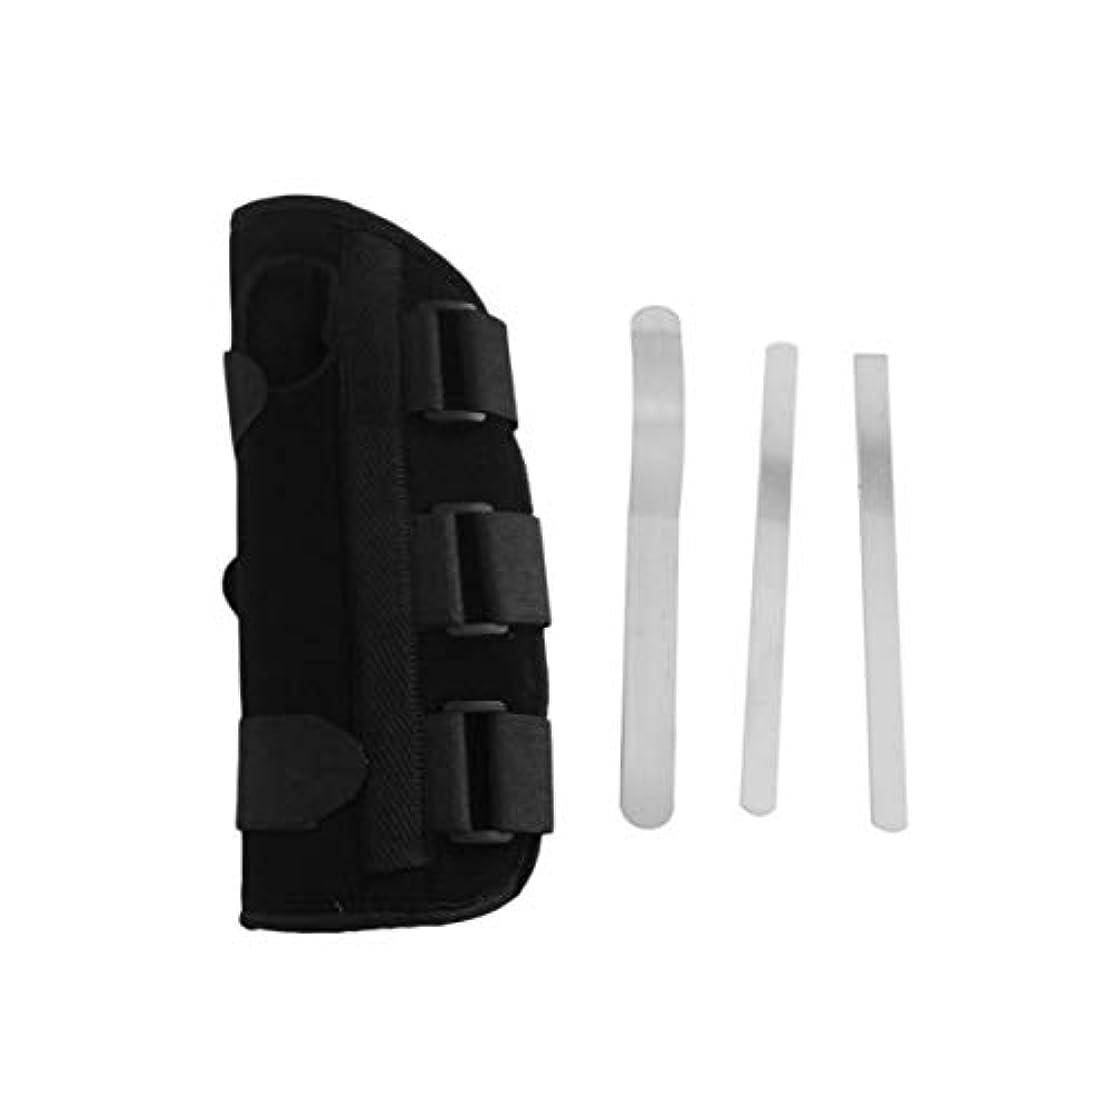 ポータル結核出席手首副木ブレース保護サポートストラップカルペルトンネルCTS RSI痛み軽減取り外し可能な副木快適な軽量ストラップ - ブラックS